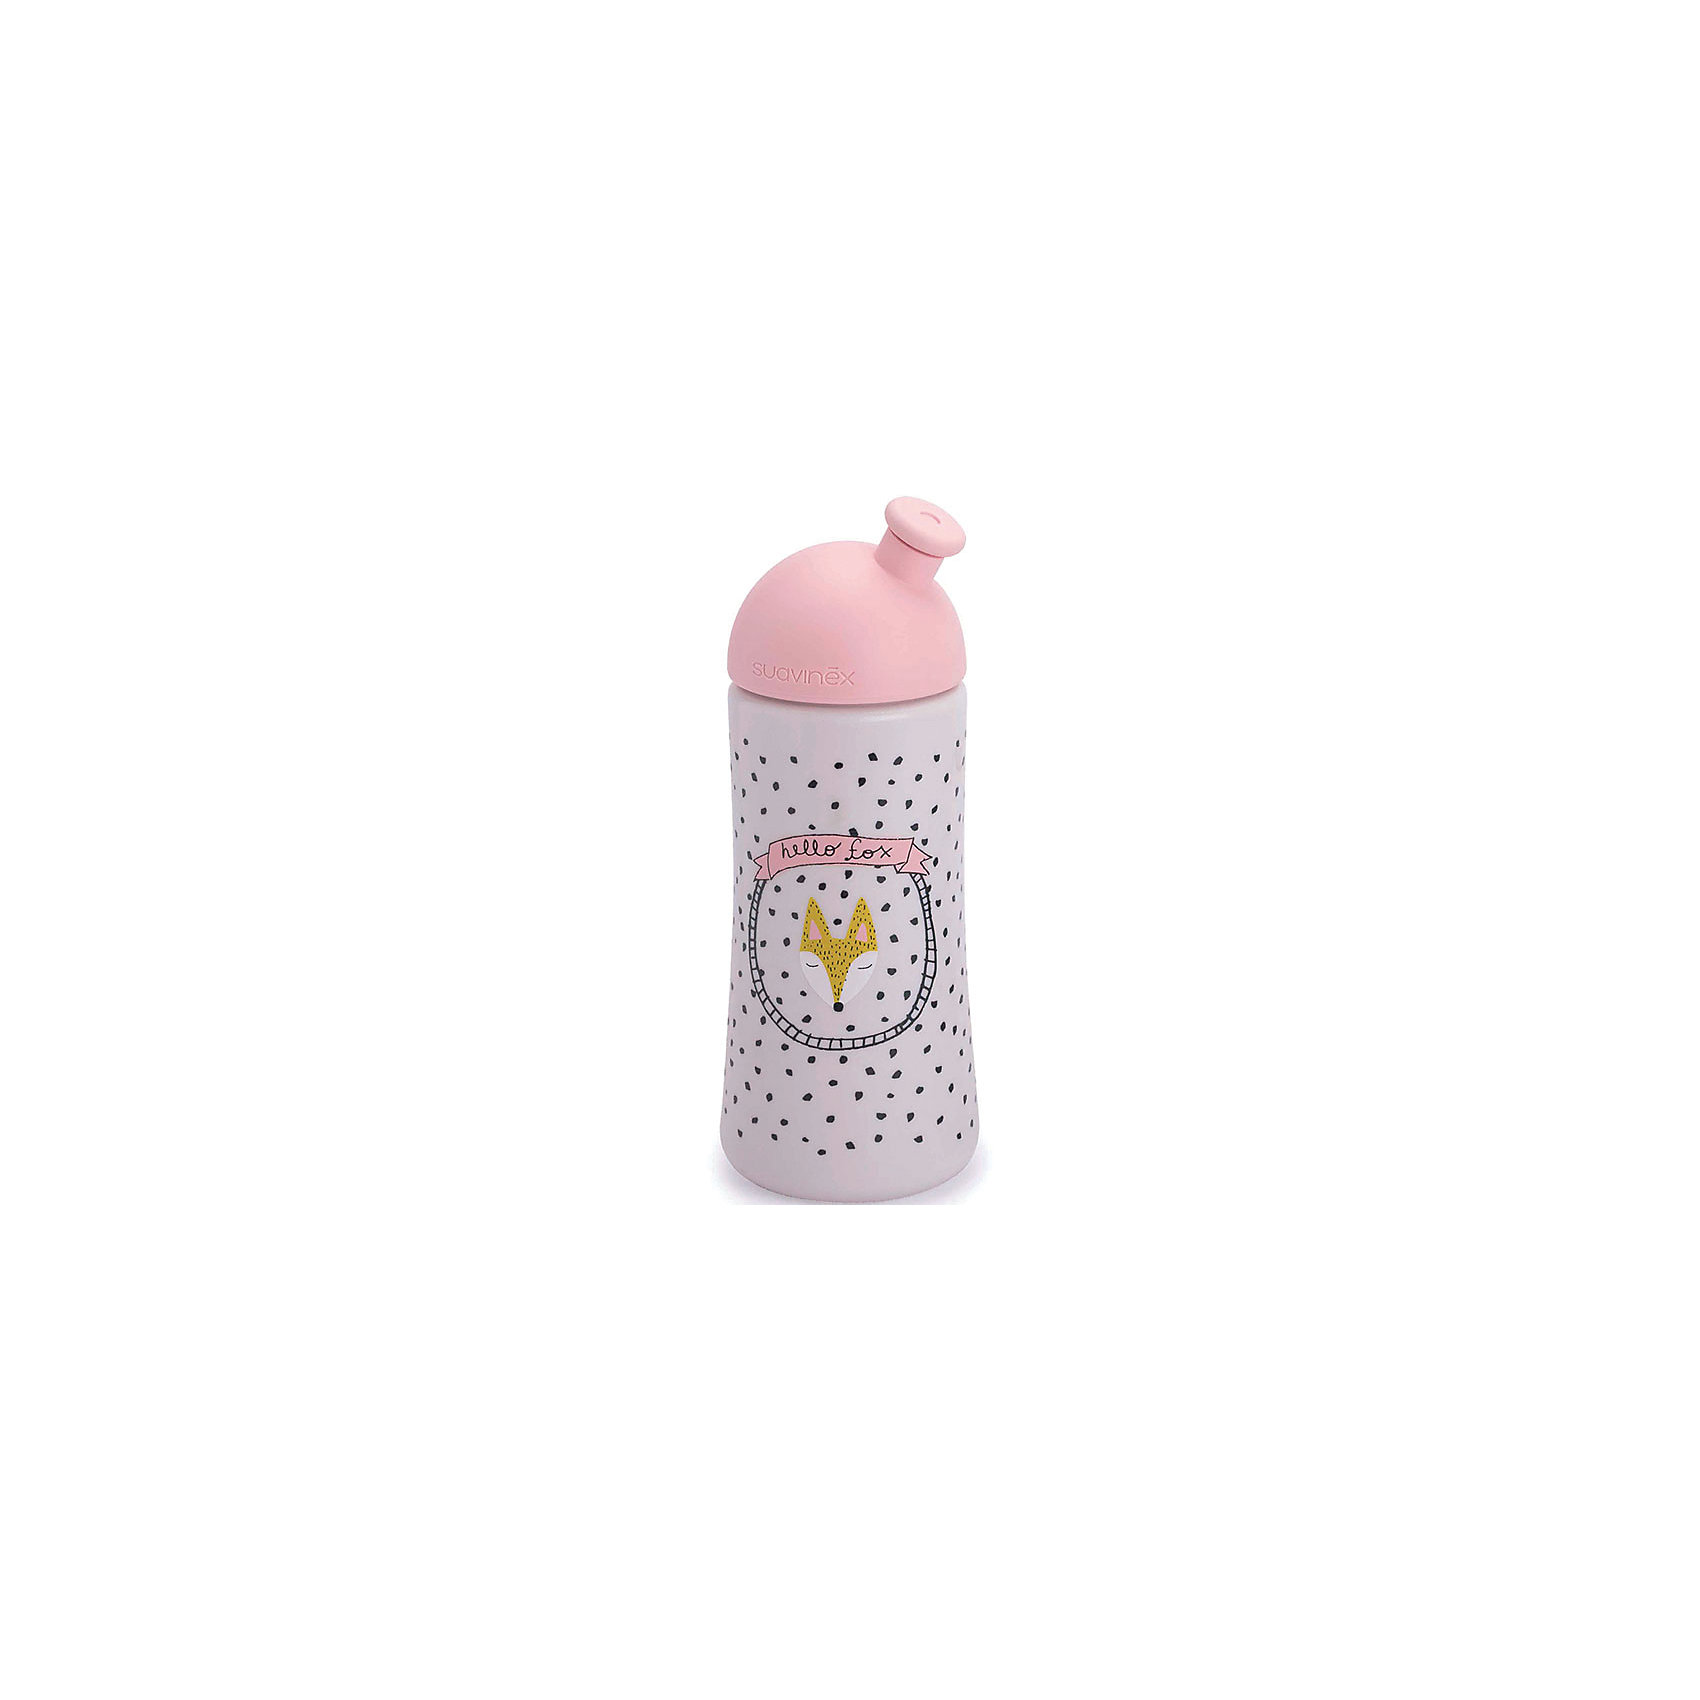 Бутылка 360мл от 18 мес. FOX, Suavinex, розовый/белыйБутылочки и аксессуары<br>Характеристики:<br><br>• Наименование: питьевая бутылка <br>• Рекомендуемый возраст: от 18 месяцев<br>• Пол: для девочки<br>• Объем: 360 мл<br>• Материал: силикон, пластик<br>• Цвет: розовый, белый, оранжевый<br>• Рисунок: лиса, горошинки<br>• Комплектация: бутылочка, колпачок<br>• Наличие выдвижного носика<br>• Вес: 108 г<br>• Параметры (Д*Ш*В): 7*7*17,3 см <br>• Особенности ухода: регулярная стерилизация и своевременная замена<br><br>Бутылка 360 мл от 18 мес. FOX, Suavinex, розовый/белый изготовлена испанским торговым брендом, специализирующимся на выпуске товаров для кормления новорожденных и младенцев. Продукция от Suavinex разработана с учетом рекомендаций педиатров и стоматологов, что гарантирует не только качество и безопасность использованных материалов, но и обеспечивает правильное формирование неба. <br><br>Бутылочка выполнена с выдвигающимся носиком. Ее удобно использовать для прогулок, занятий спортом или в качестве промежуточного этапа перехода от бутылочки к кружке. <br><br>Бутылка 360 мл от 18 мес. FOX, Suavinex, бирюза/белый выполнена в брендовом дизайне с изображением лисенка и горошинок. Рисунок устойчив к появлениям царапин и выгоранию цвета даже при частой стерилизации. <br><br>Бутылку 360 мл от 18 мес. FOX, Suavinex, розовый/белый можно купить в нашем интернет-магазине.<br><br>Ширина мм: 70<br>Глубина мм: 70<br>Высота мм: 200<br>Вес г: 108<br>Возраст от месяцев: 18<br>Возраст до месяцев: 24<br>Пол: Женский<br>Возраст: Детский<br>SKU: 5451253